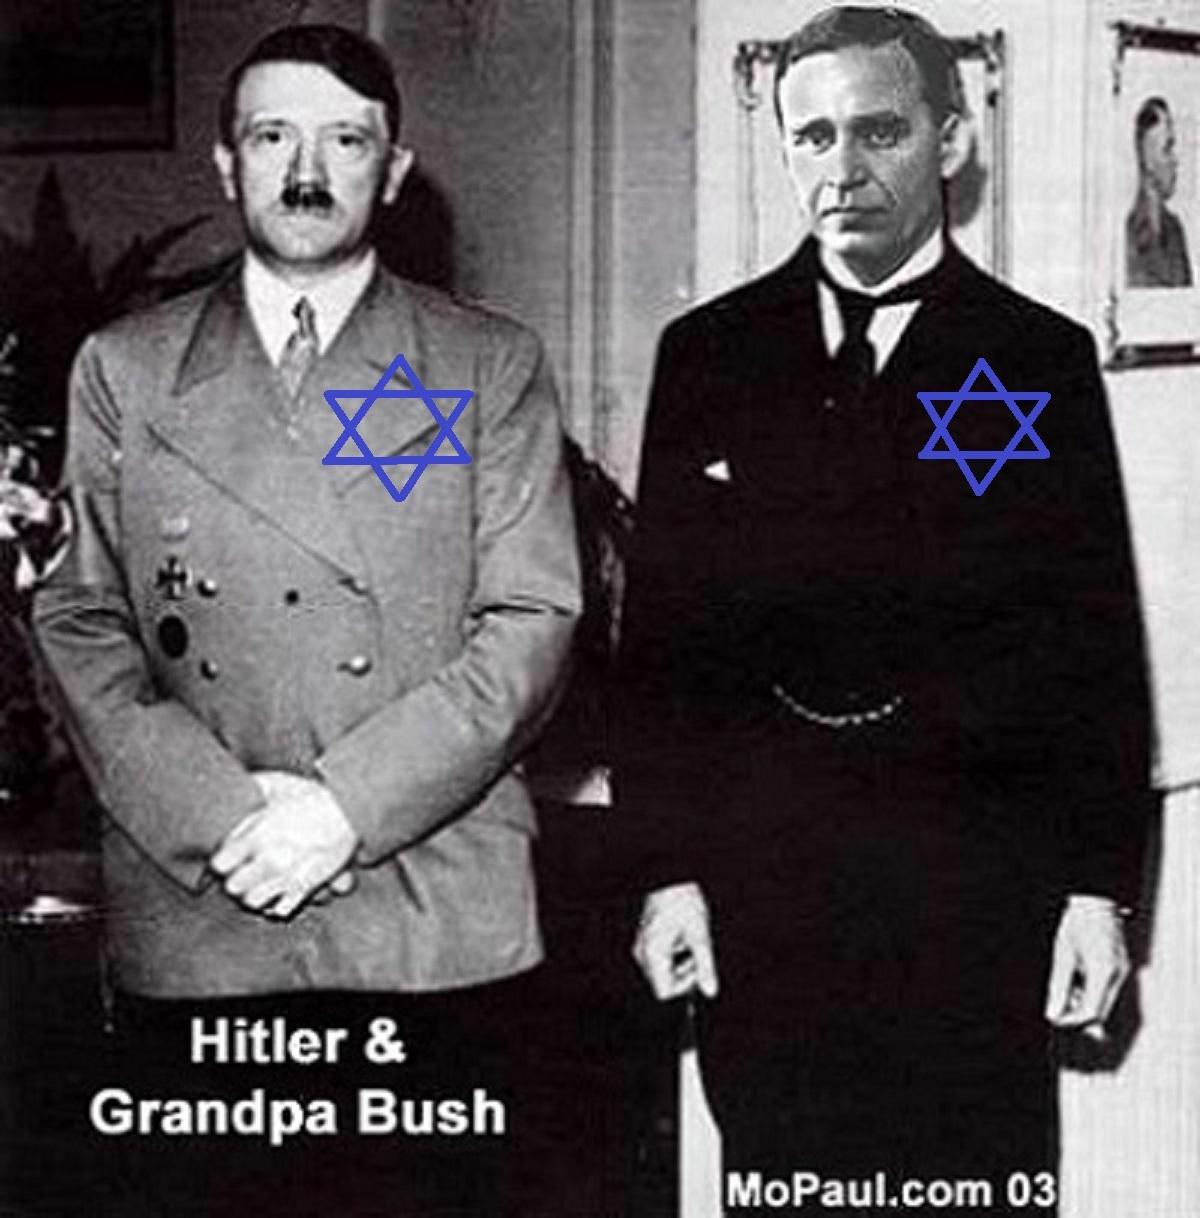 ①ヒトラーとブッシュ祖父は仲間!ナチス=ユダヤを知らない人が多いんですね!